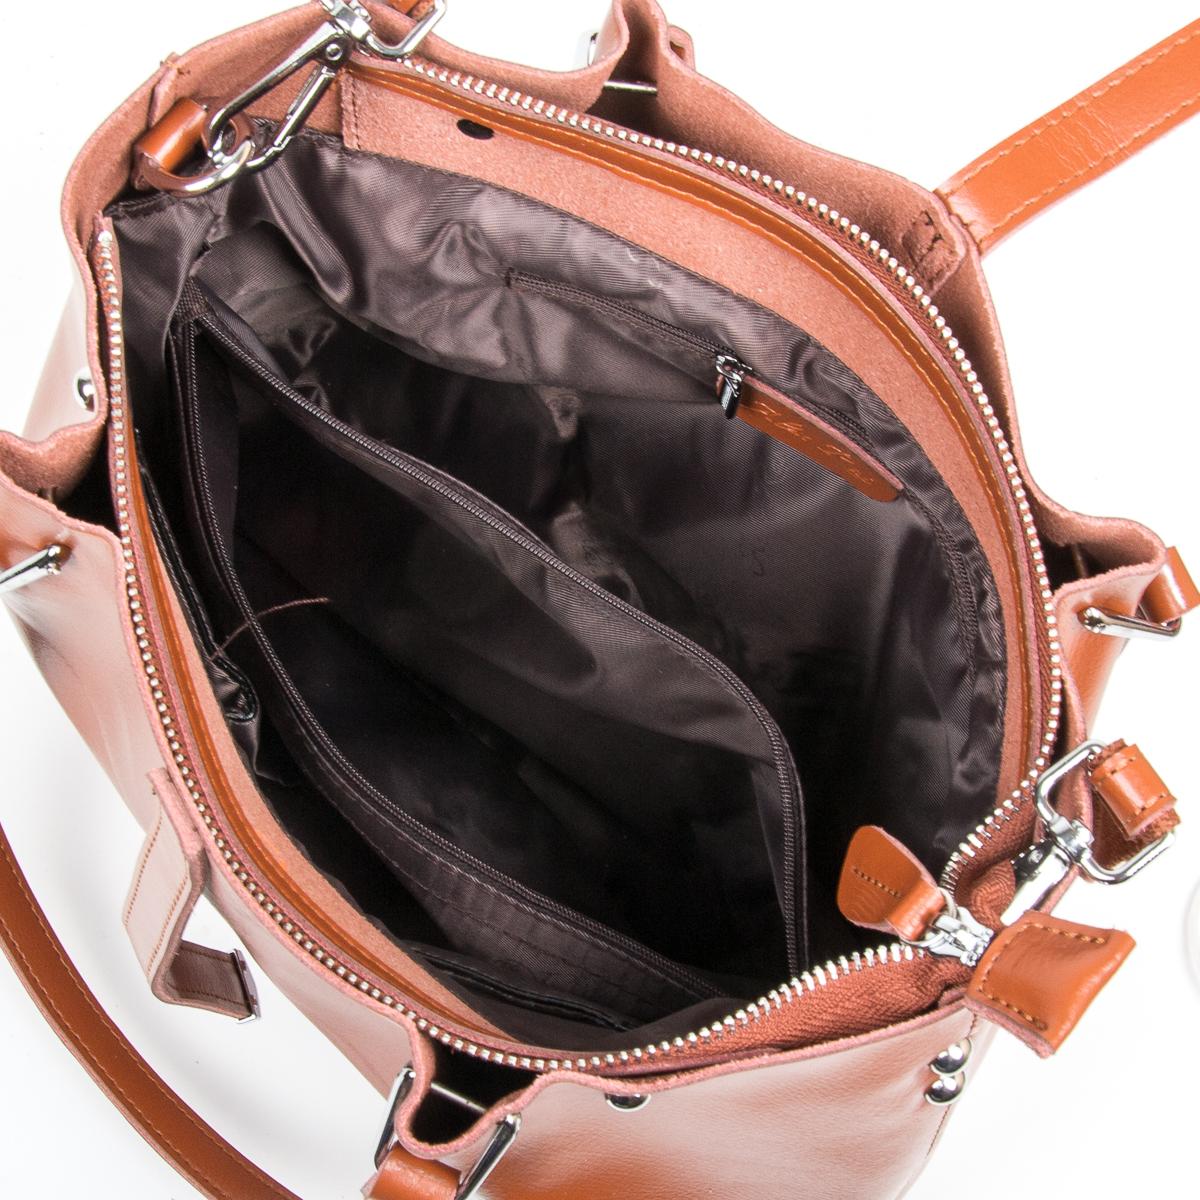 Сумка Женская Классическая кожа ALEX RAI 9-01 317 khaki